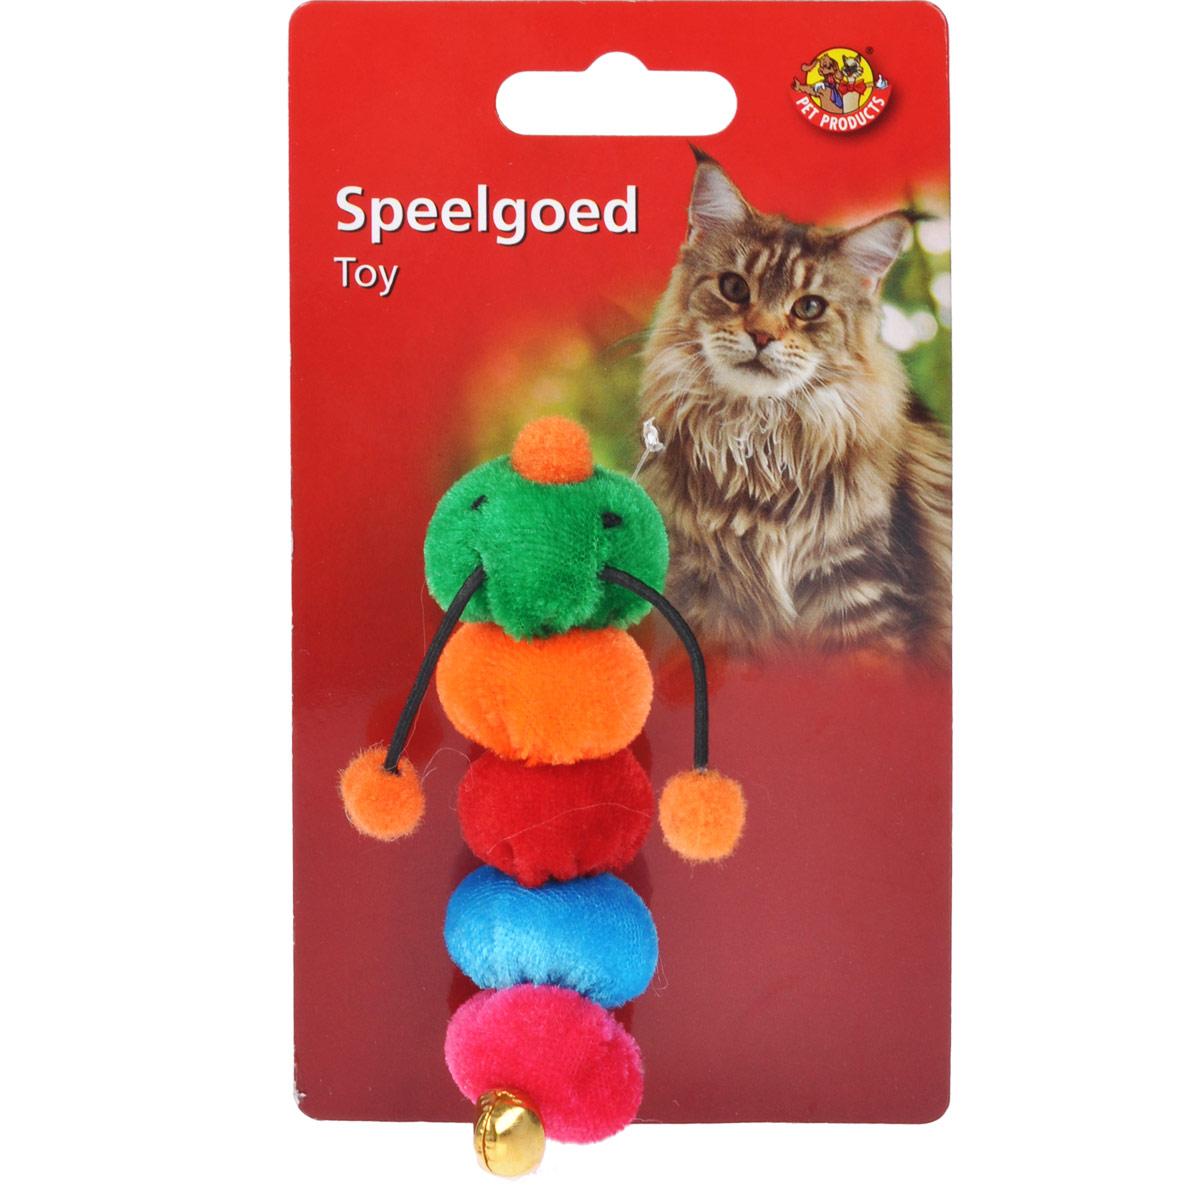 Игрушка для кошек I.P.T.S. Гусеница0120710Забавная игрушка для кошек I.P.T.S. Гусеница состоит из цветных сегментов. Игрушка изготовлена из мягкого плюша. Предназначена для активных игр с кошкой. Такая игрушка привлечет внимание вашего любимца и не оставит его равнодушным.Длина: 9,5 см.